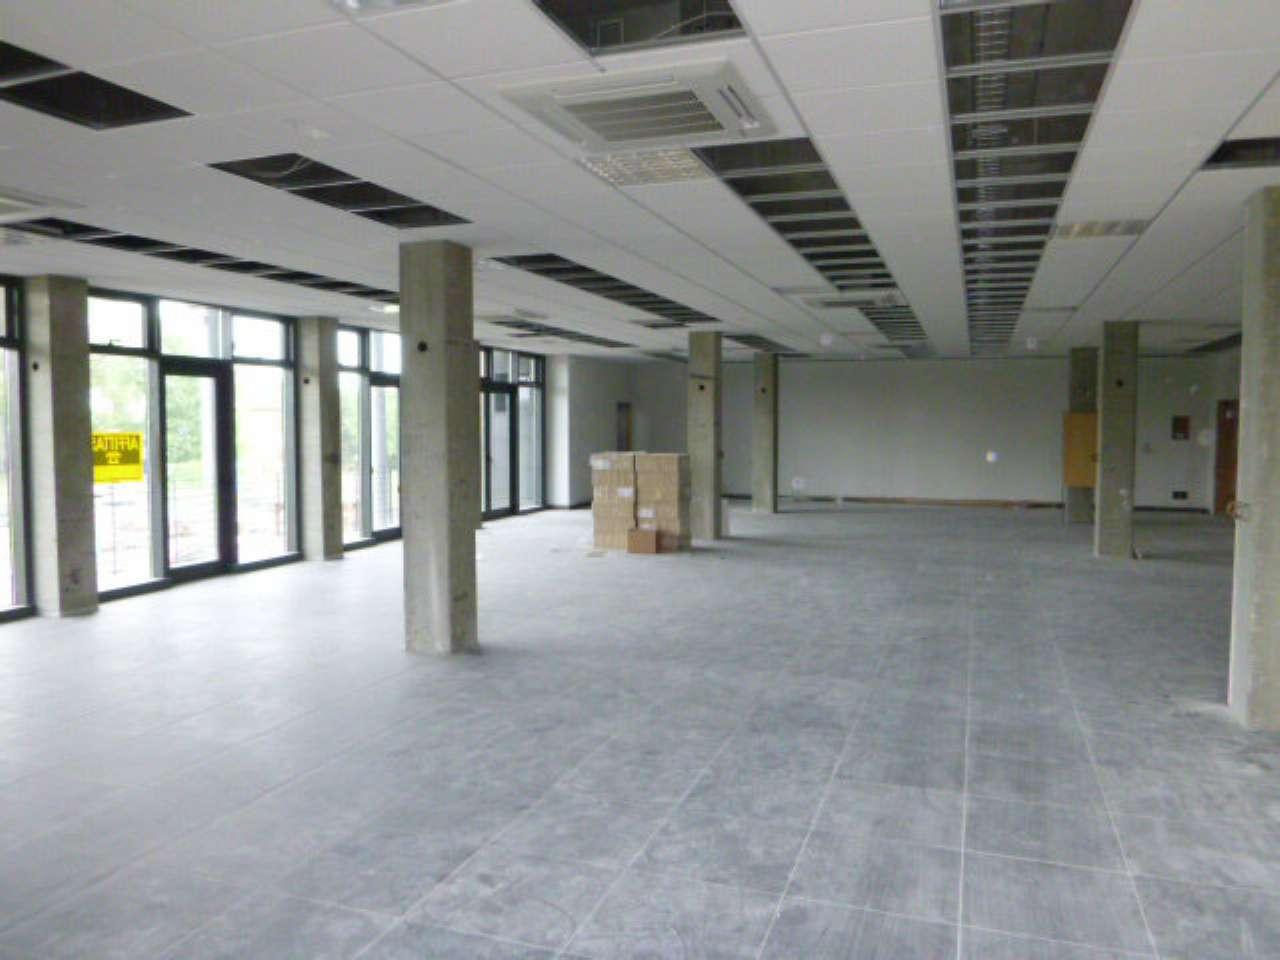 Ufficio monolocale in affitto a Reggio nell'Emilia (RE)